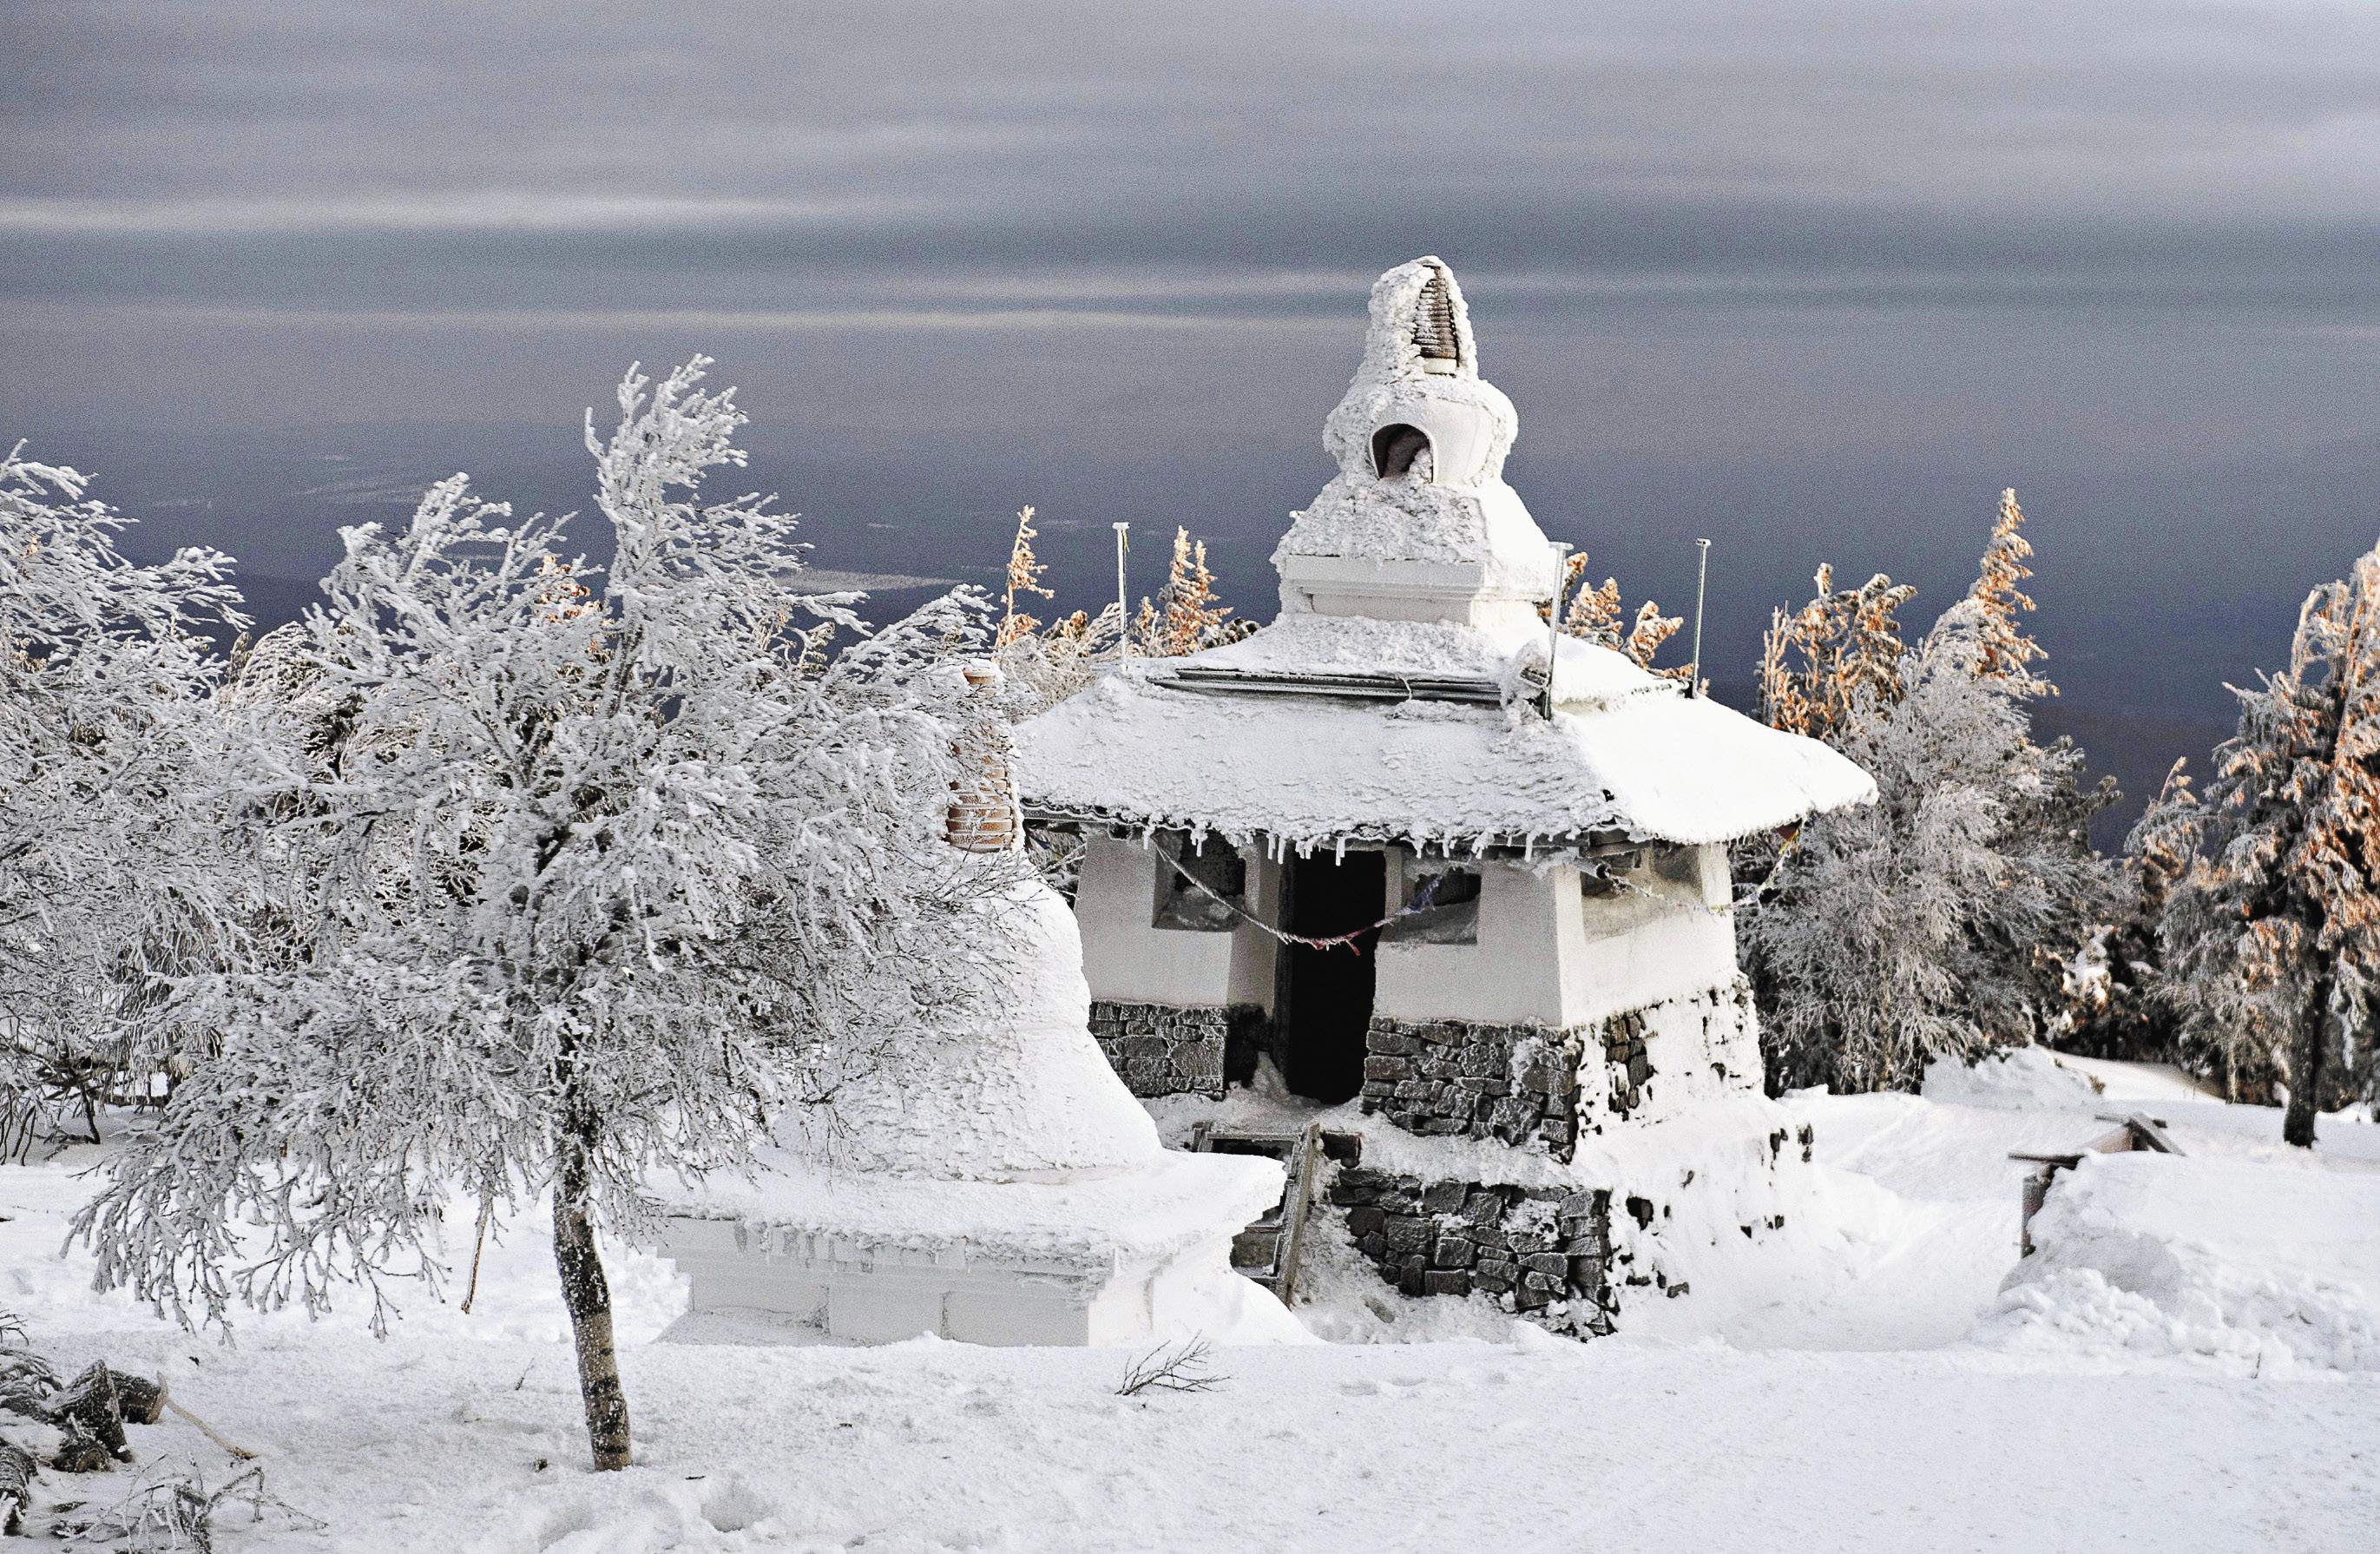 Службы судебных приставов по Свердловской области потребовали снести единственный на Урале буддийский монастырь, который был построен на территории месторождения титаномагнетитовых руд. Но качканарские буддисты продолжают строить новые здания. Санников надеется, что скоро здесь откроется буддийская школа.